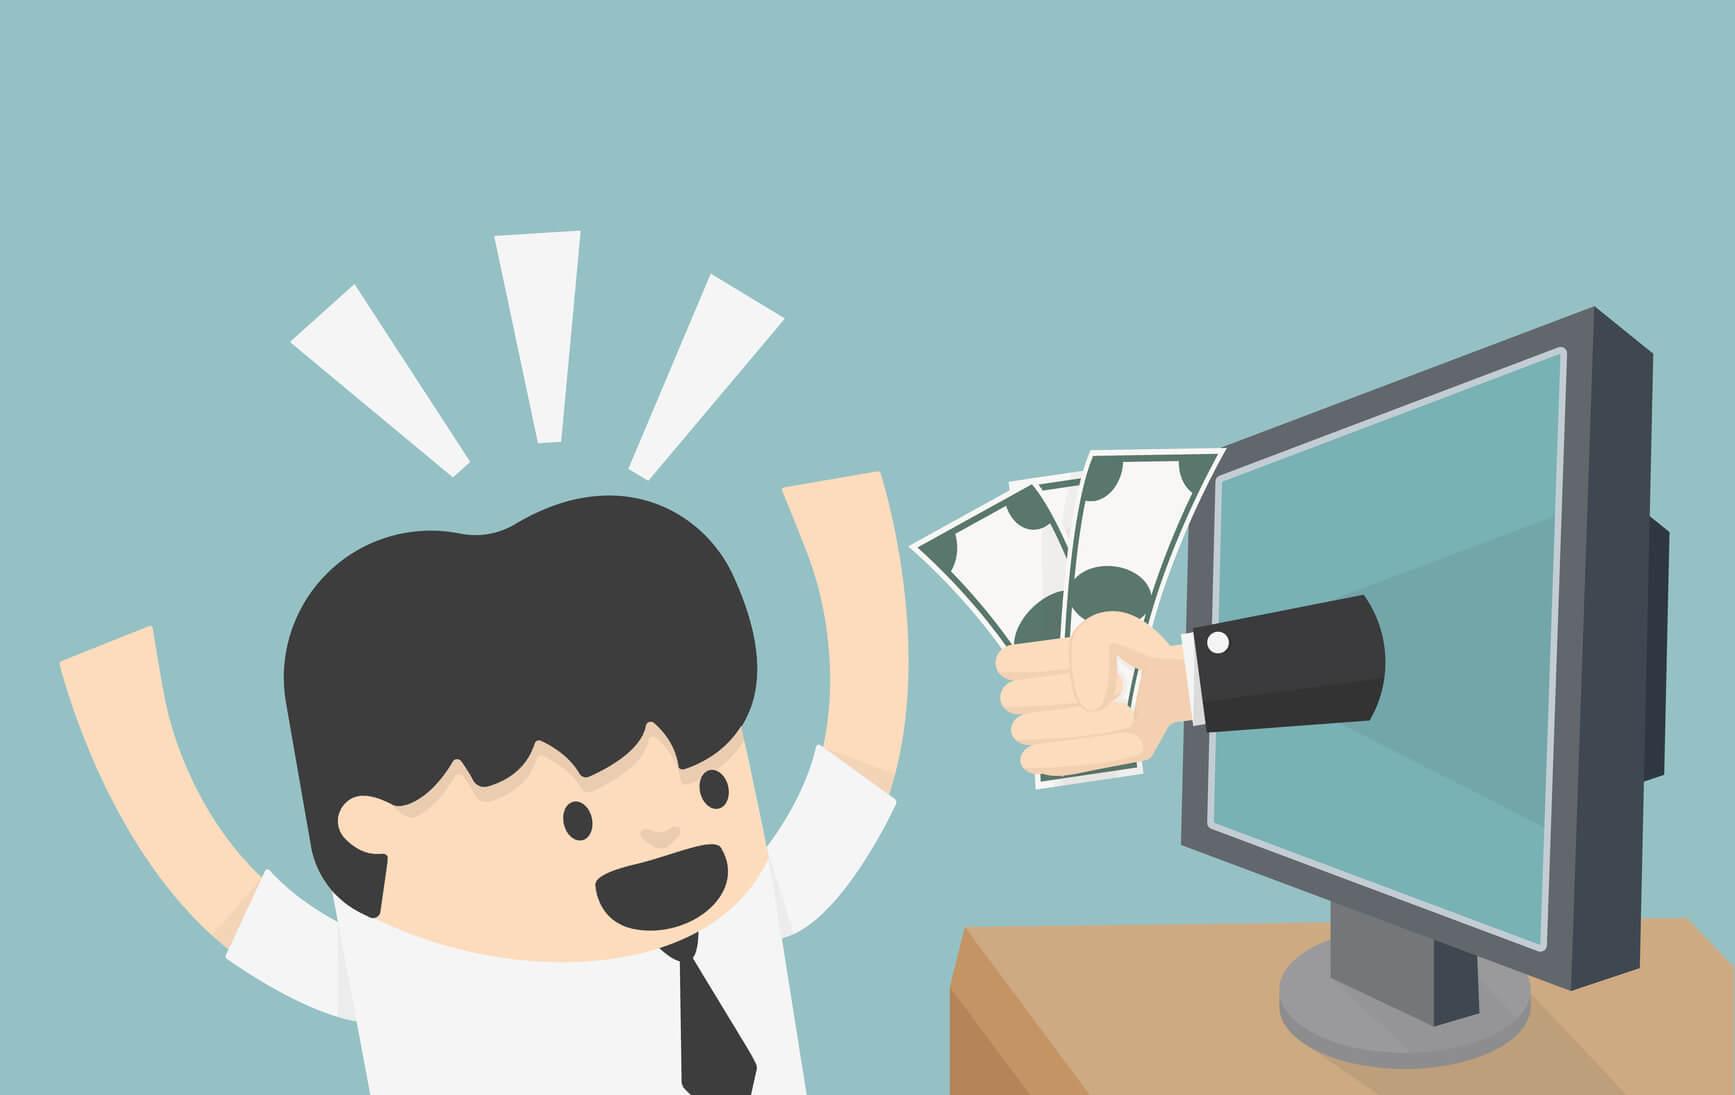 Как начать работать трафик-менеджером: курсы онлайн